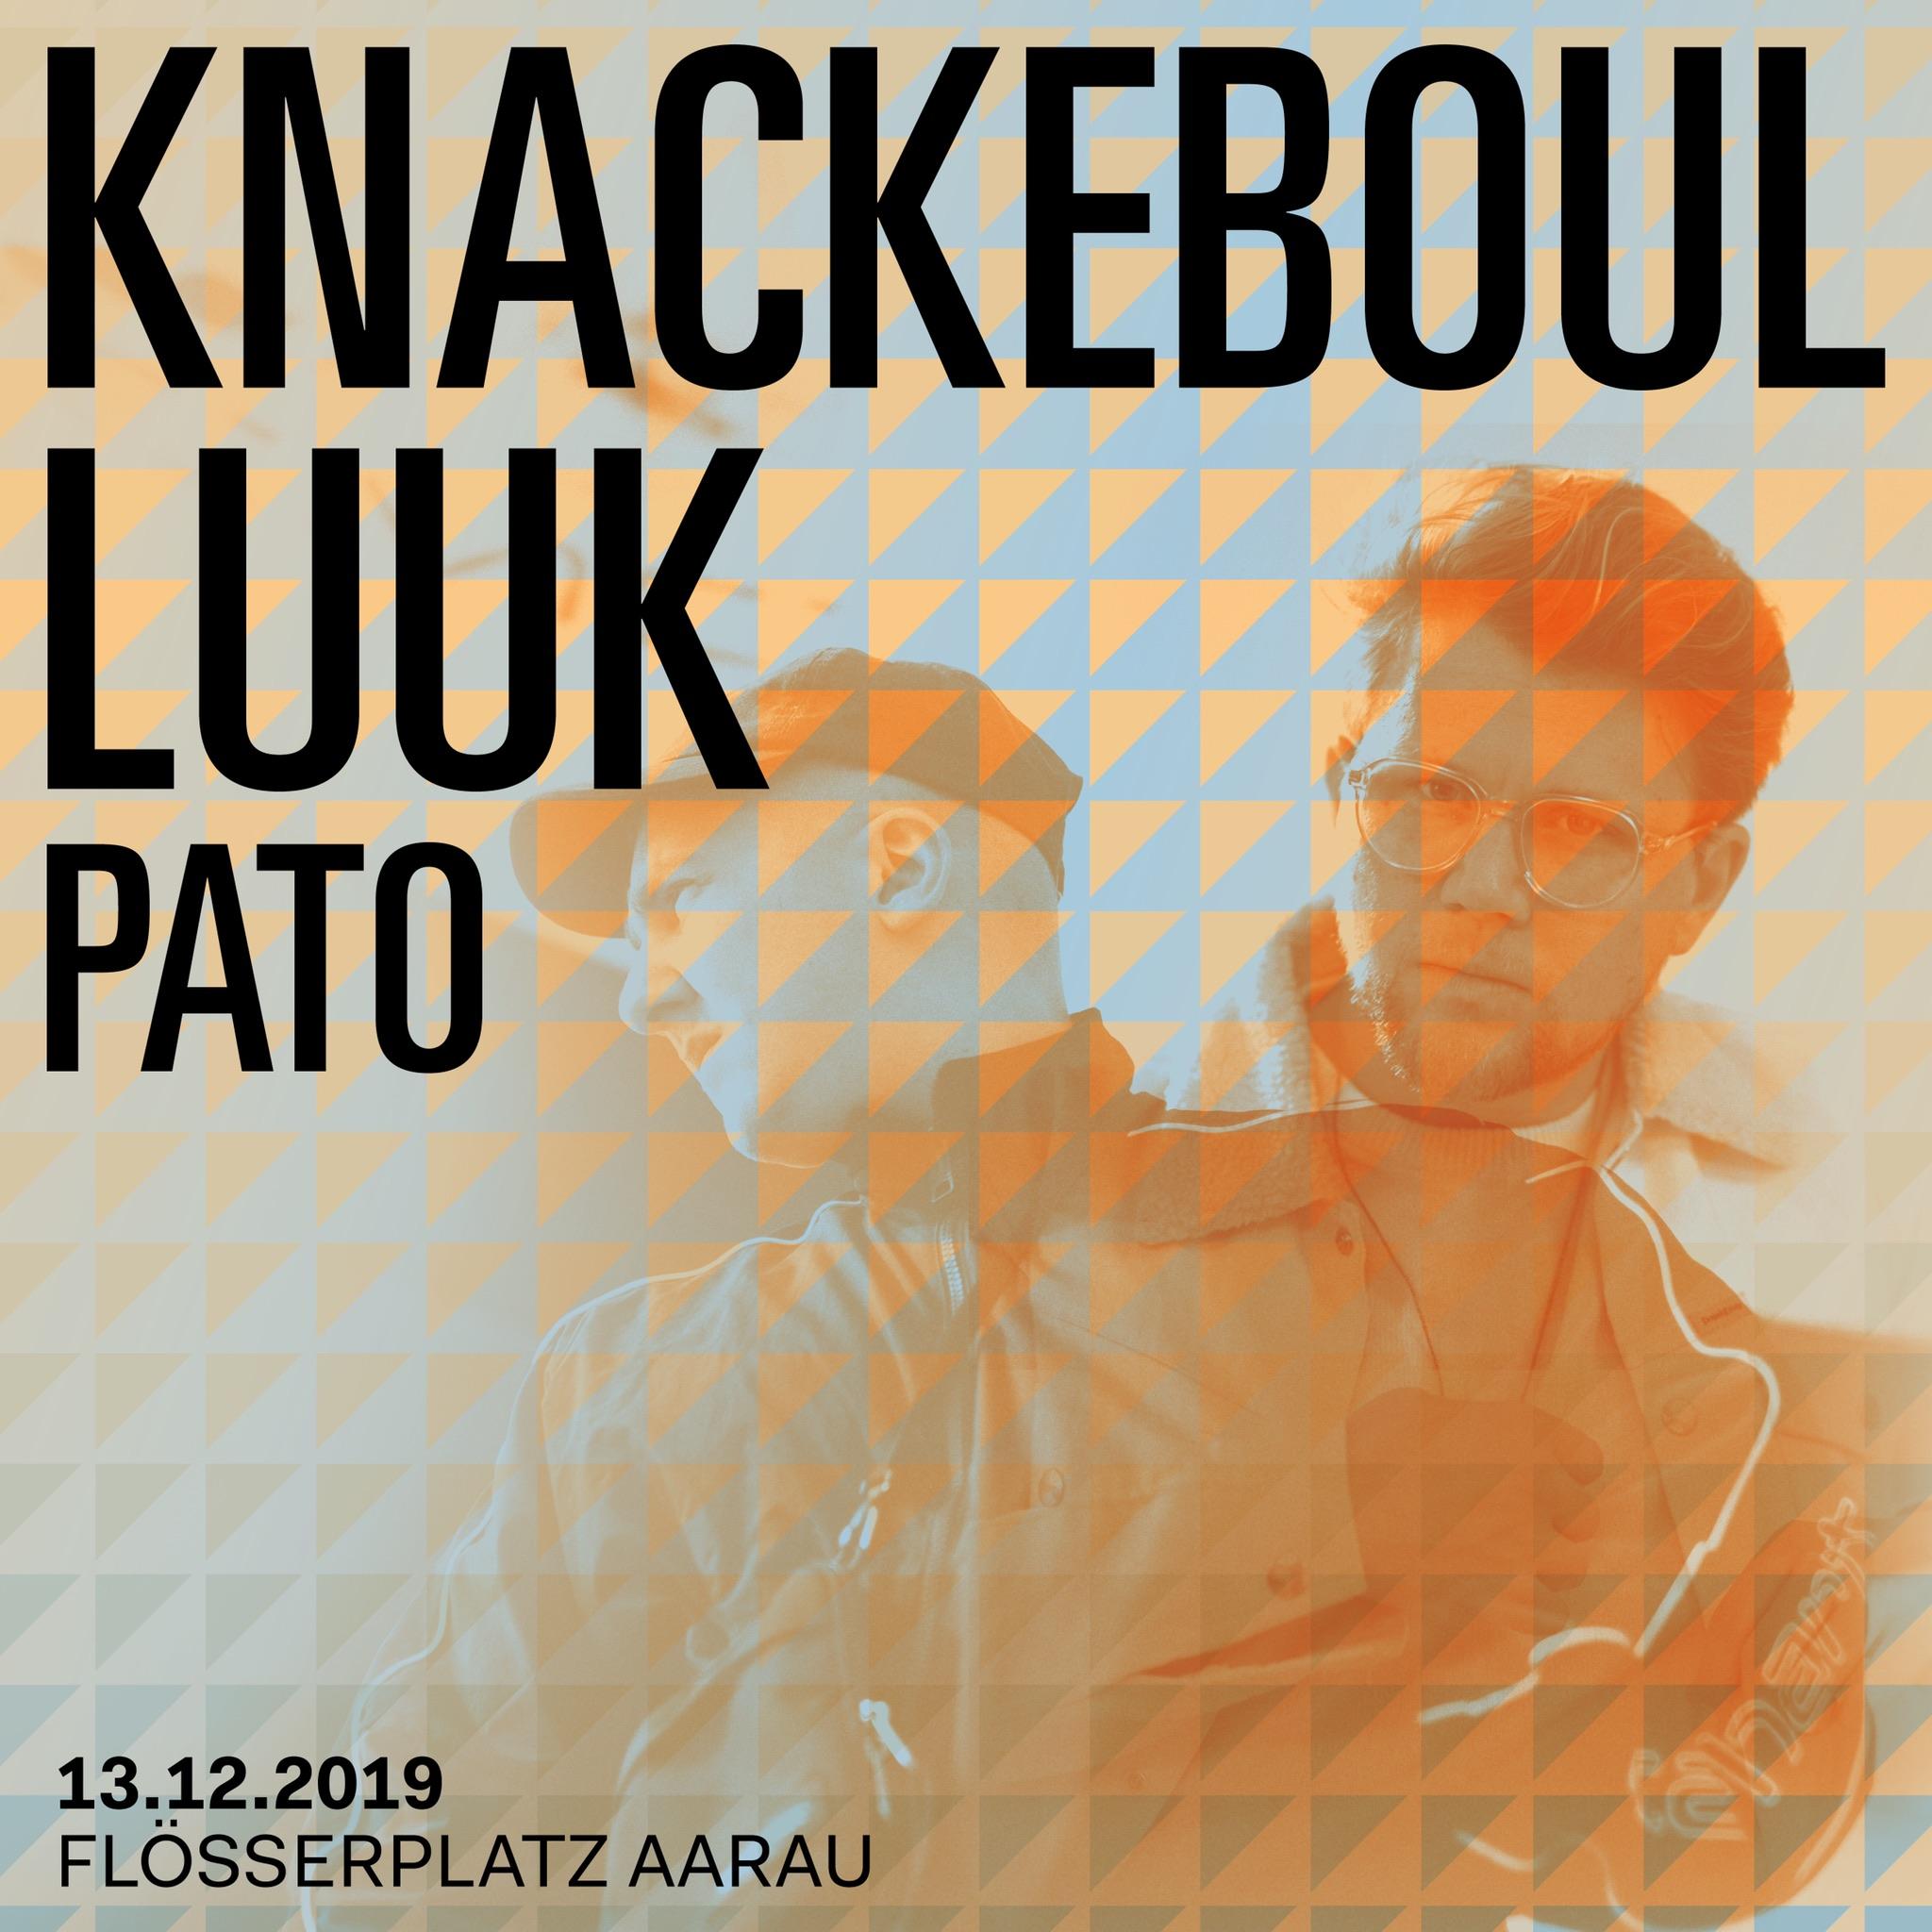 Knackeboul & Luuk